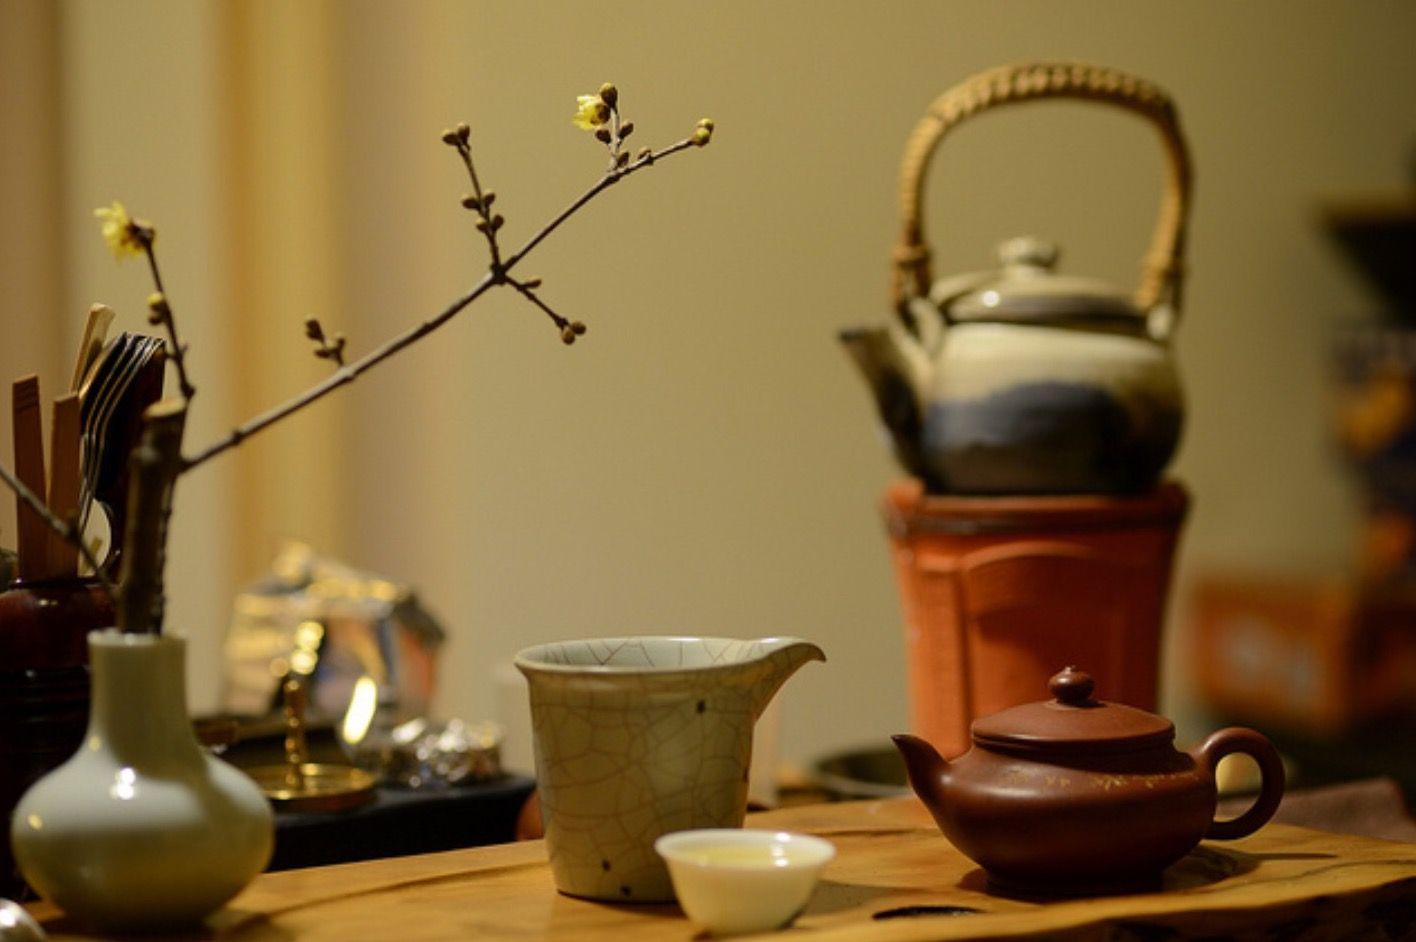 一盏茶,浮生何时了。品茶,品人生之五味,品生命之甘醇。一柱香,一杯茶,就是一生的缘。